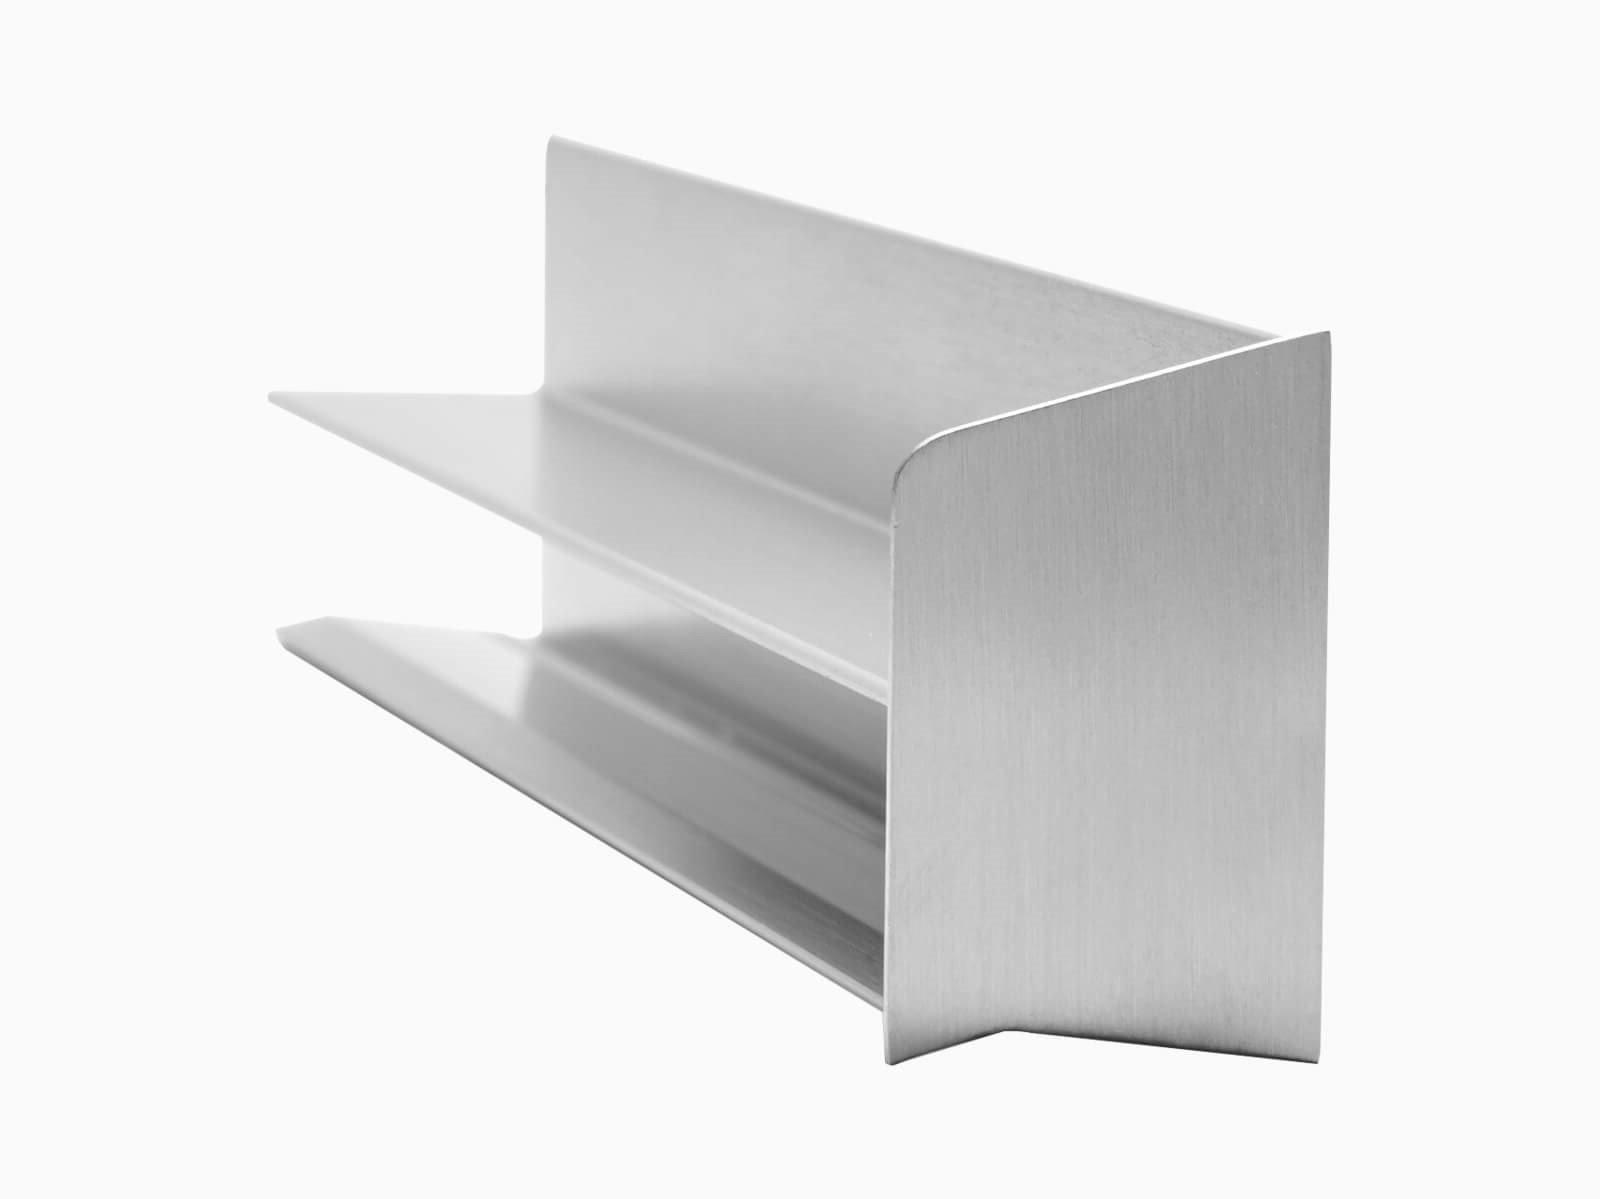 Bündige Rinne für freitragendes Vordach mit Seitenkappe